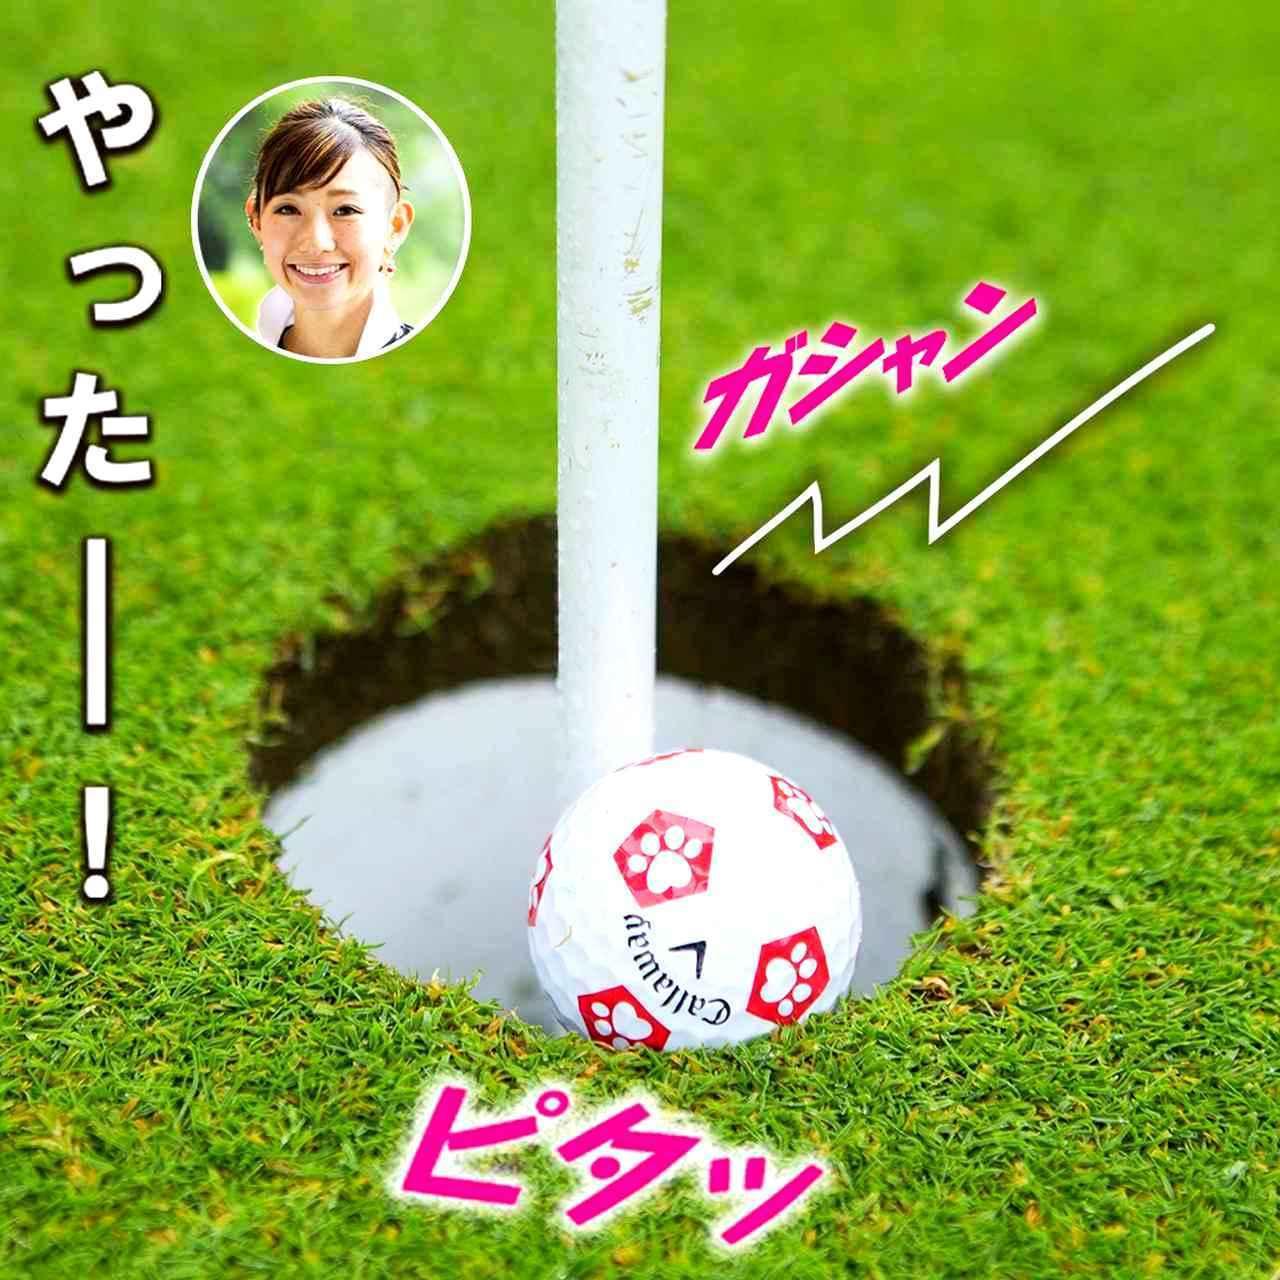 画像: 【新ルール】球がピンに寄りかかって止まった、そのまま拾い上げてOK? - ゴルフへ行こうWEB by ゴルフダイジェスト